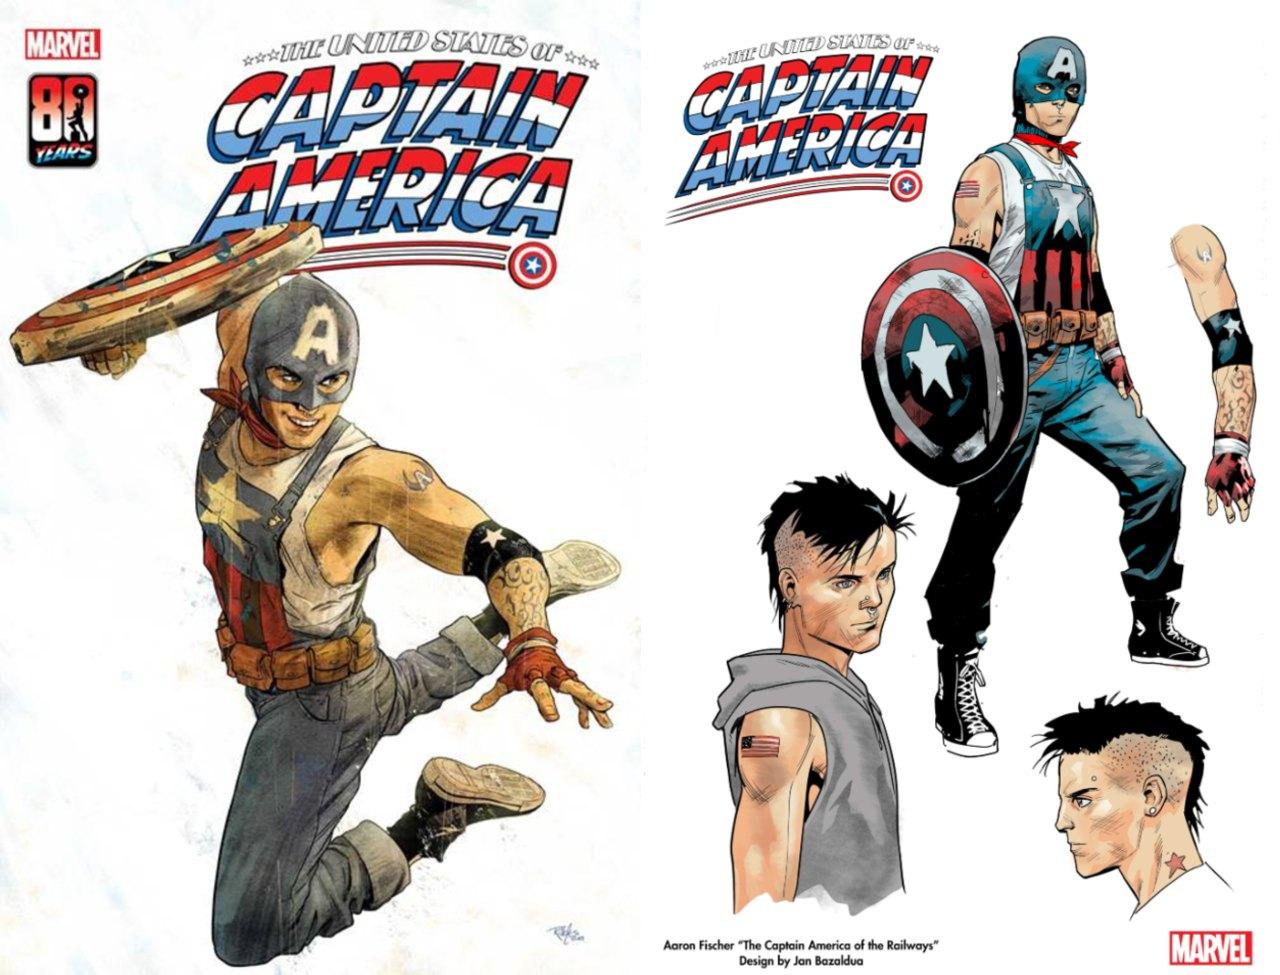 Marvel Capitán América superhéroe gay